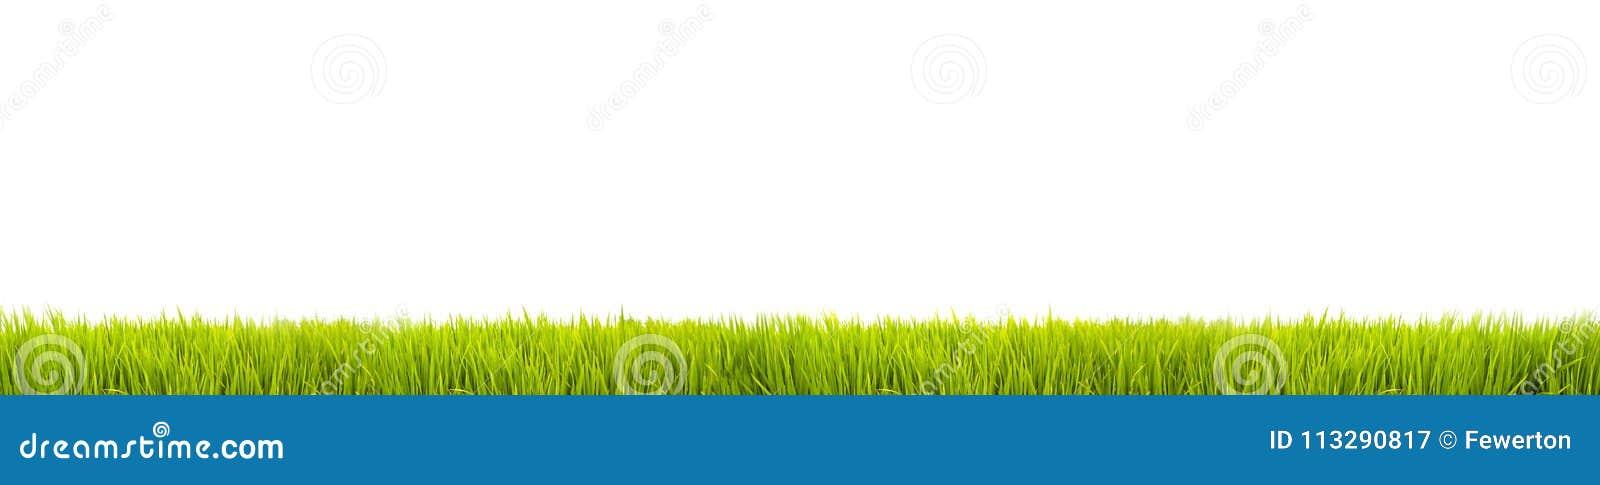 Свежее знамя панорамы зеленой травы большое как граница рамки в безшовной пустой белой предпосылке